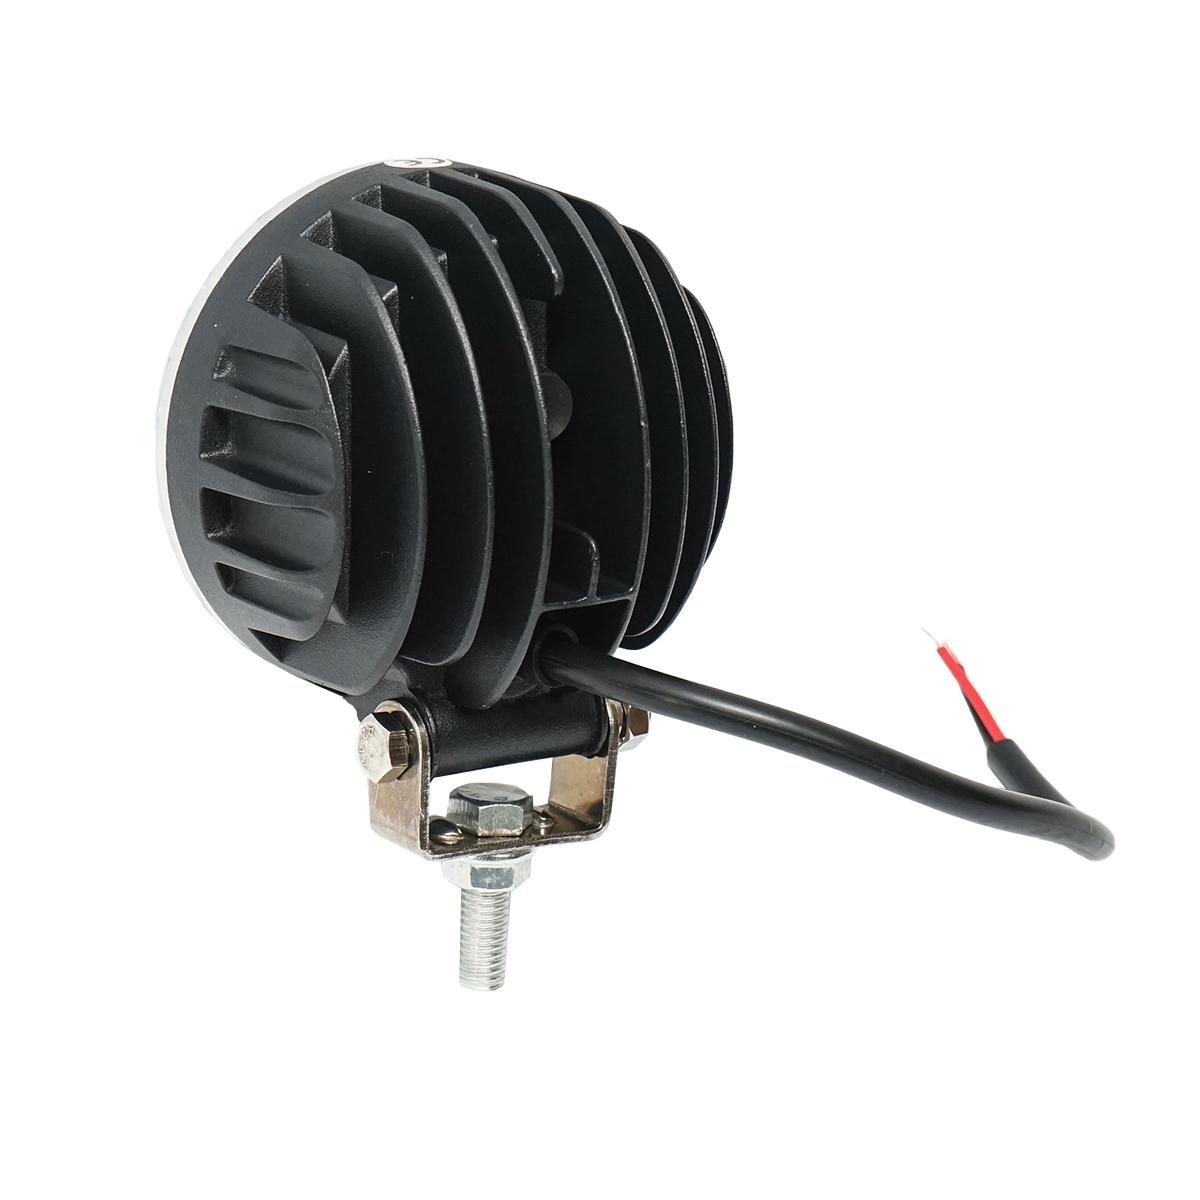 Lampa 4 LED-uri 10-30V 12W unghi de radiere 60 rotund